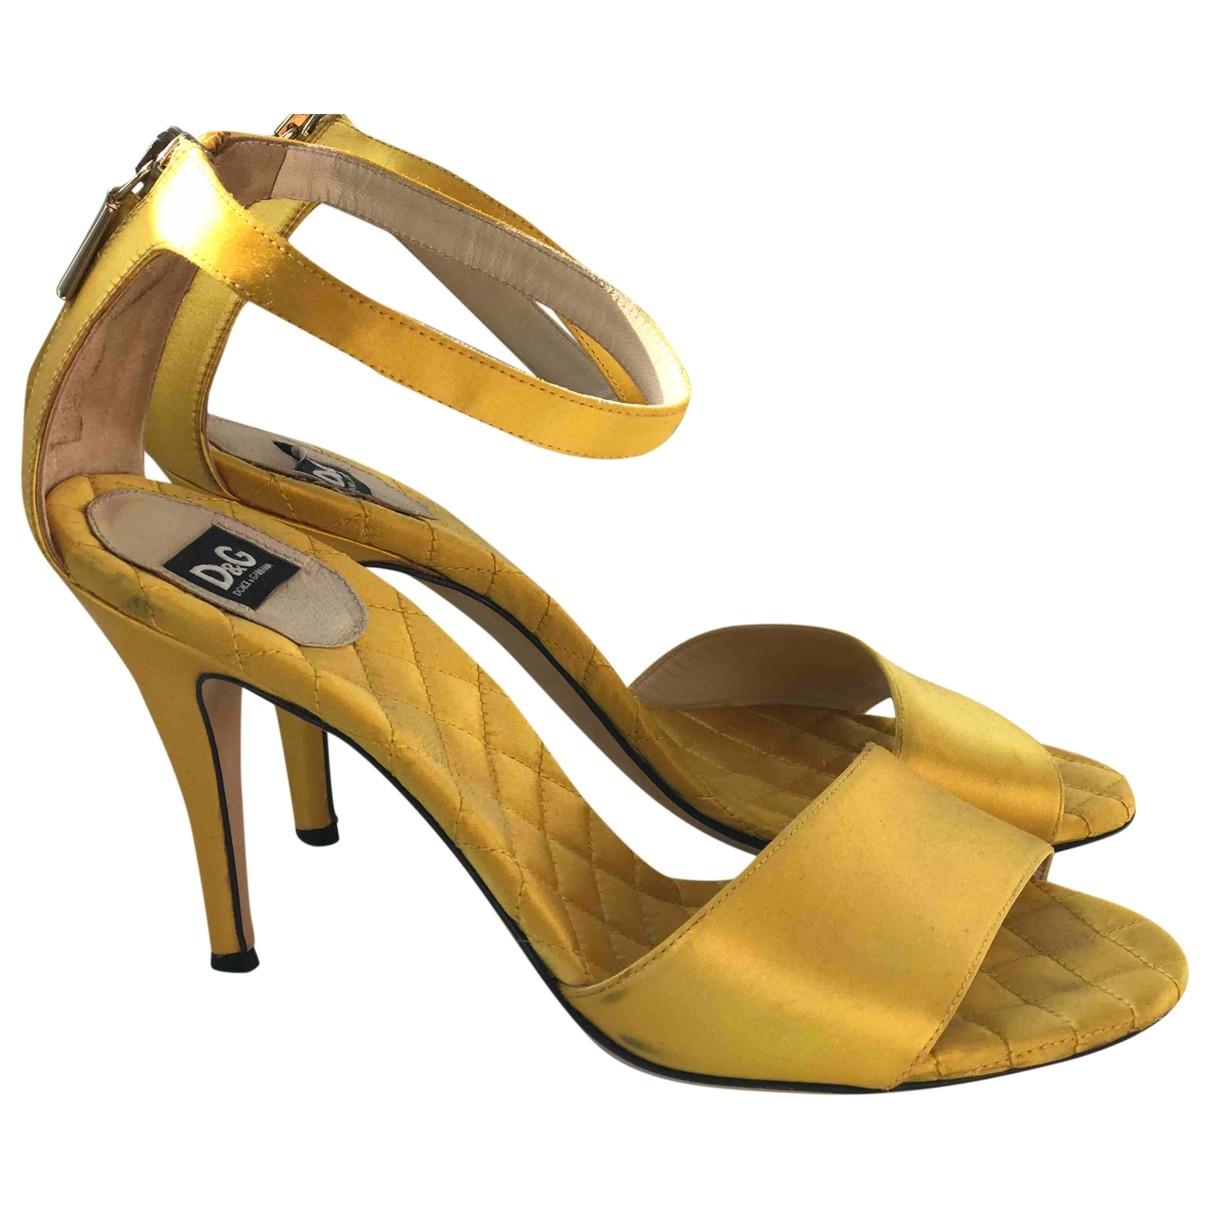 D&g \N Pumps in  Gelb Leder